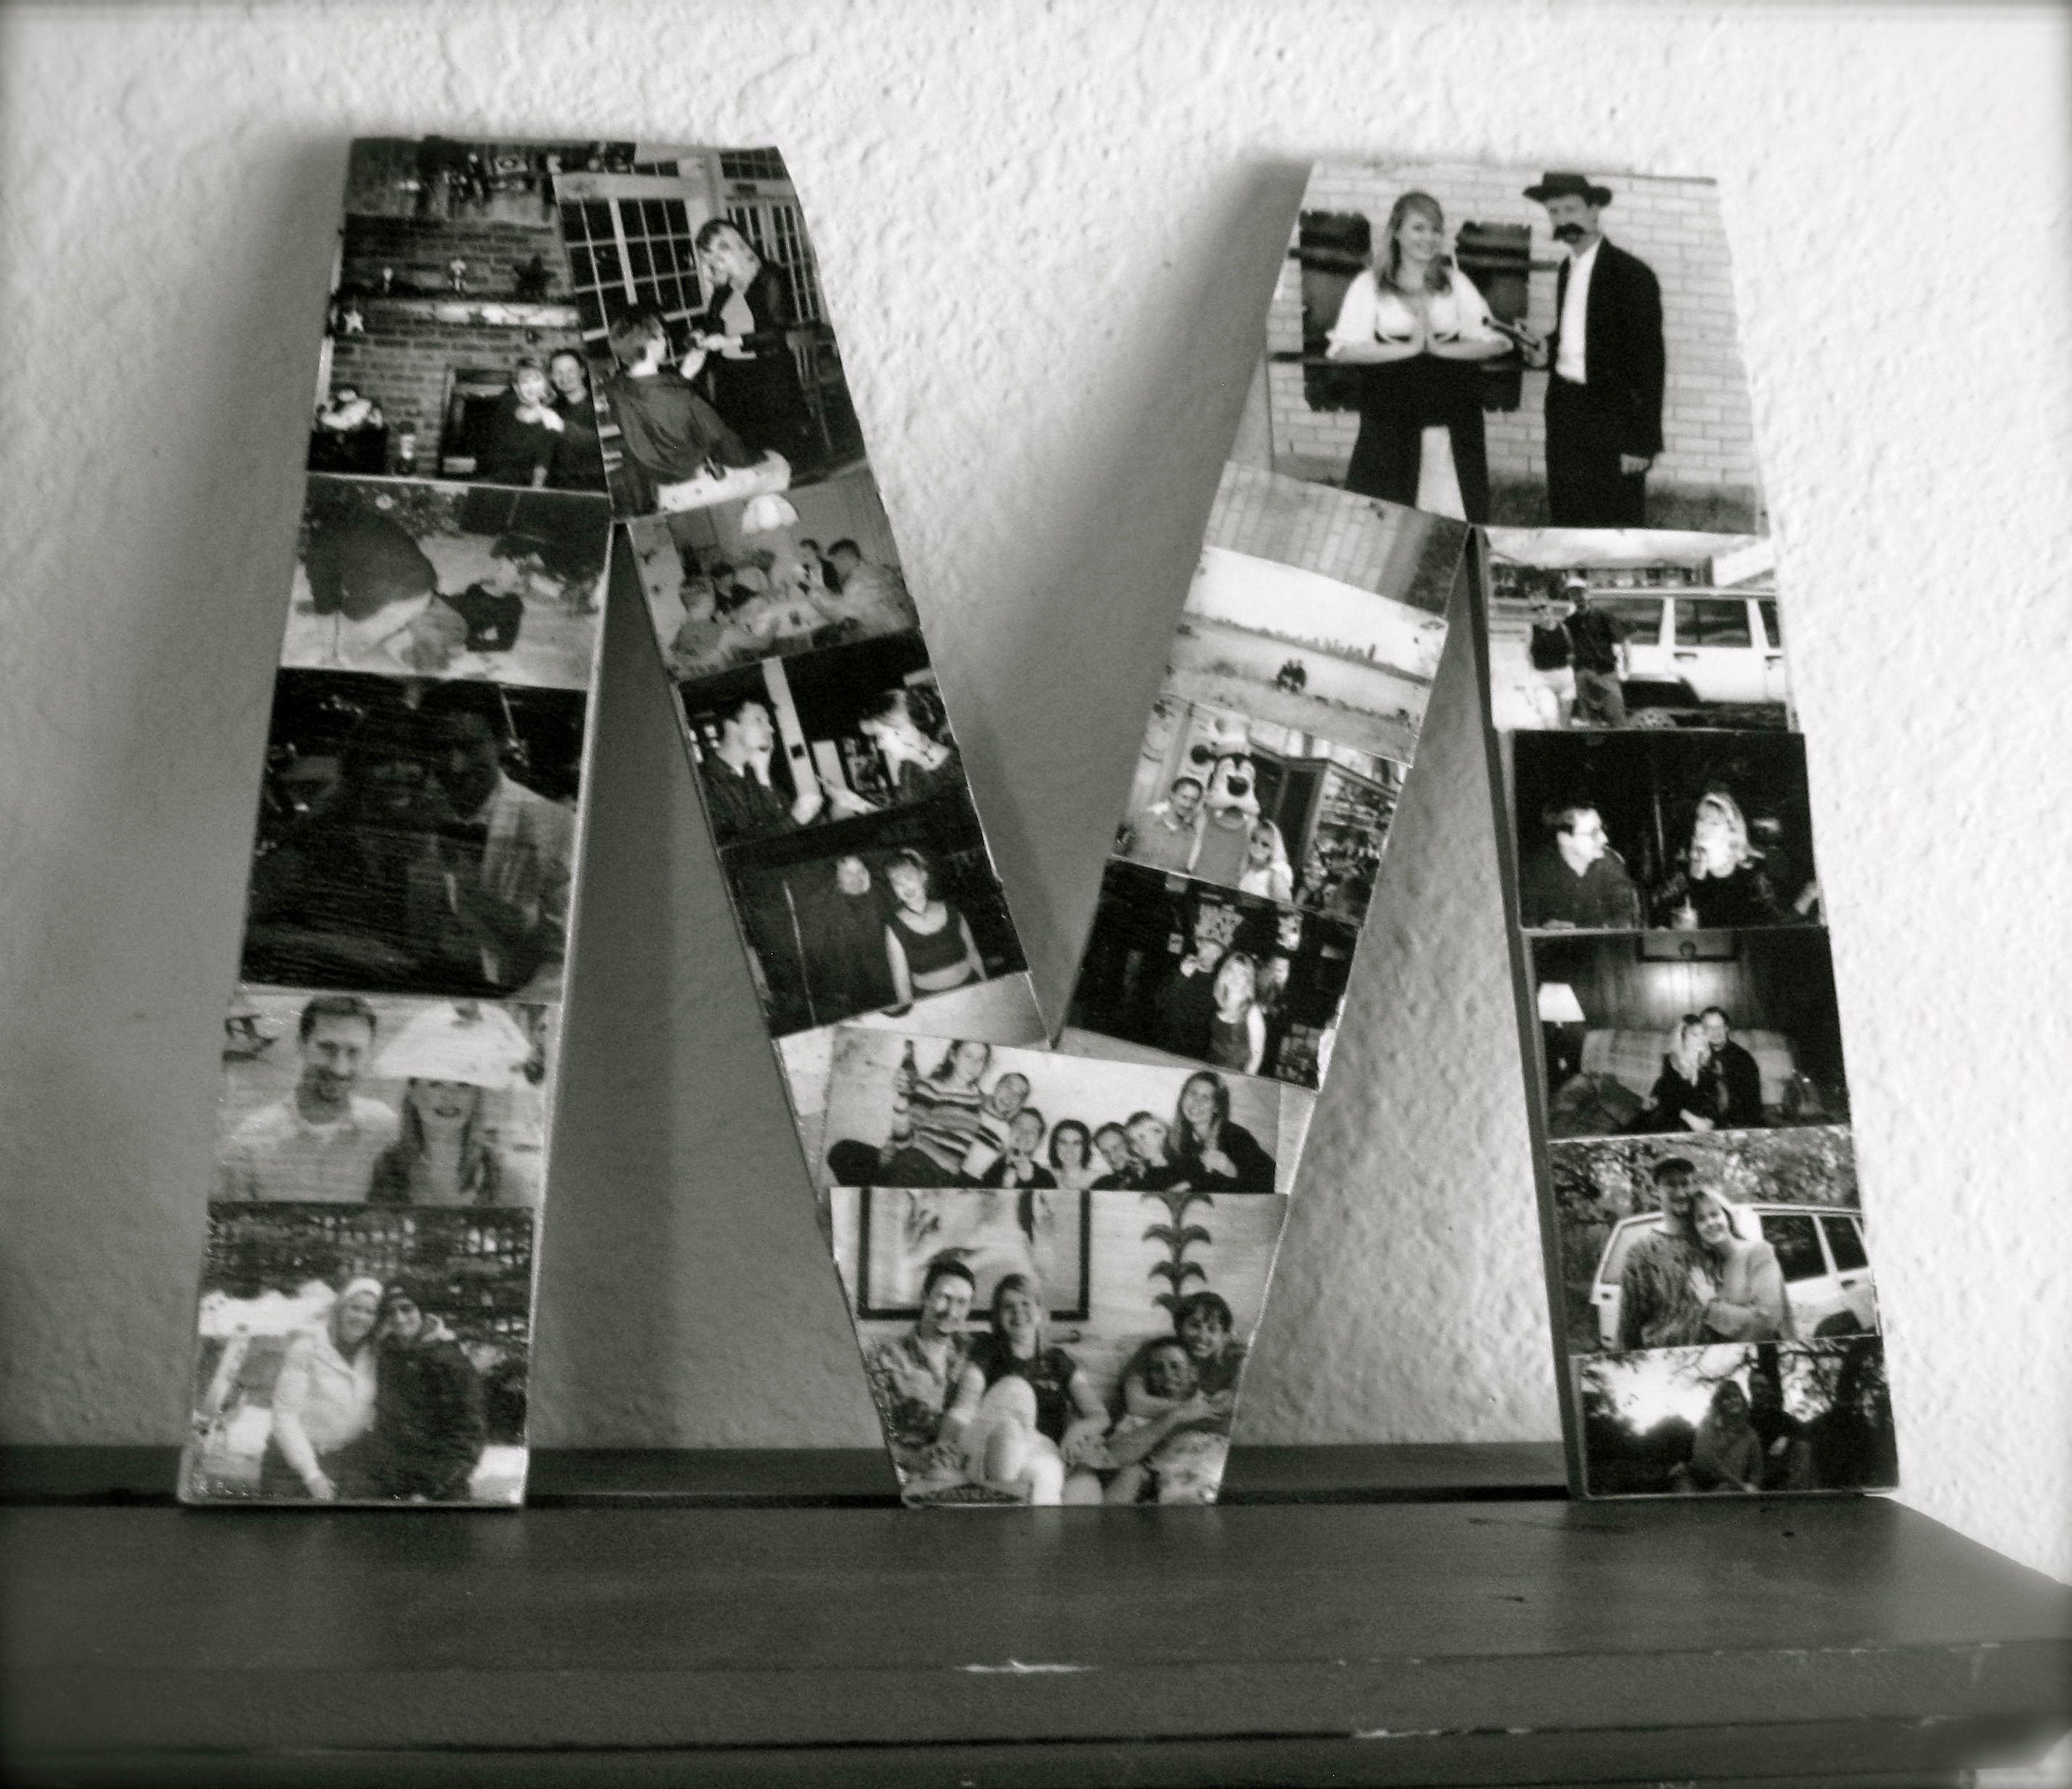 брусчатка, виллы, как из фото делать буквы ленинском сдк